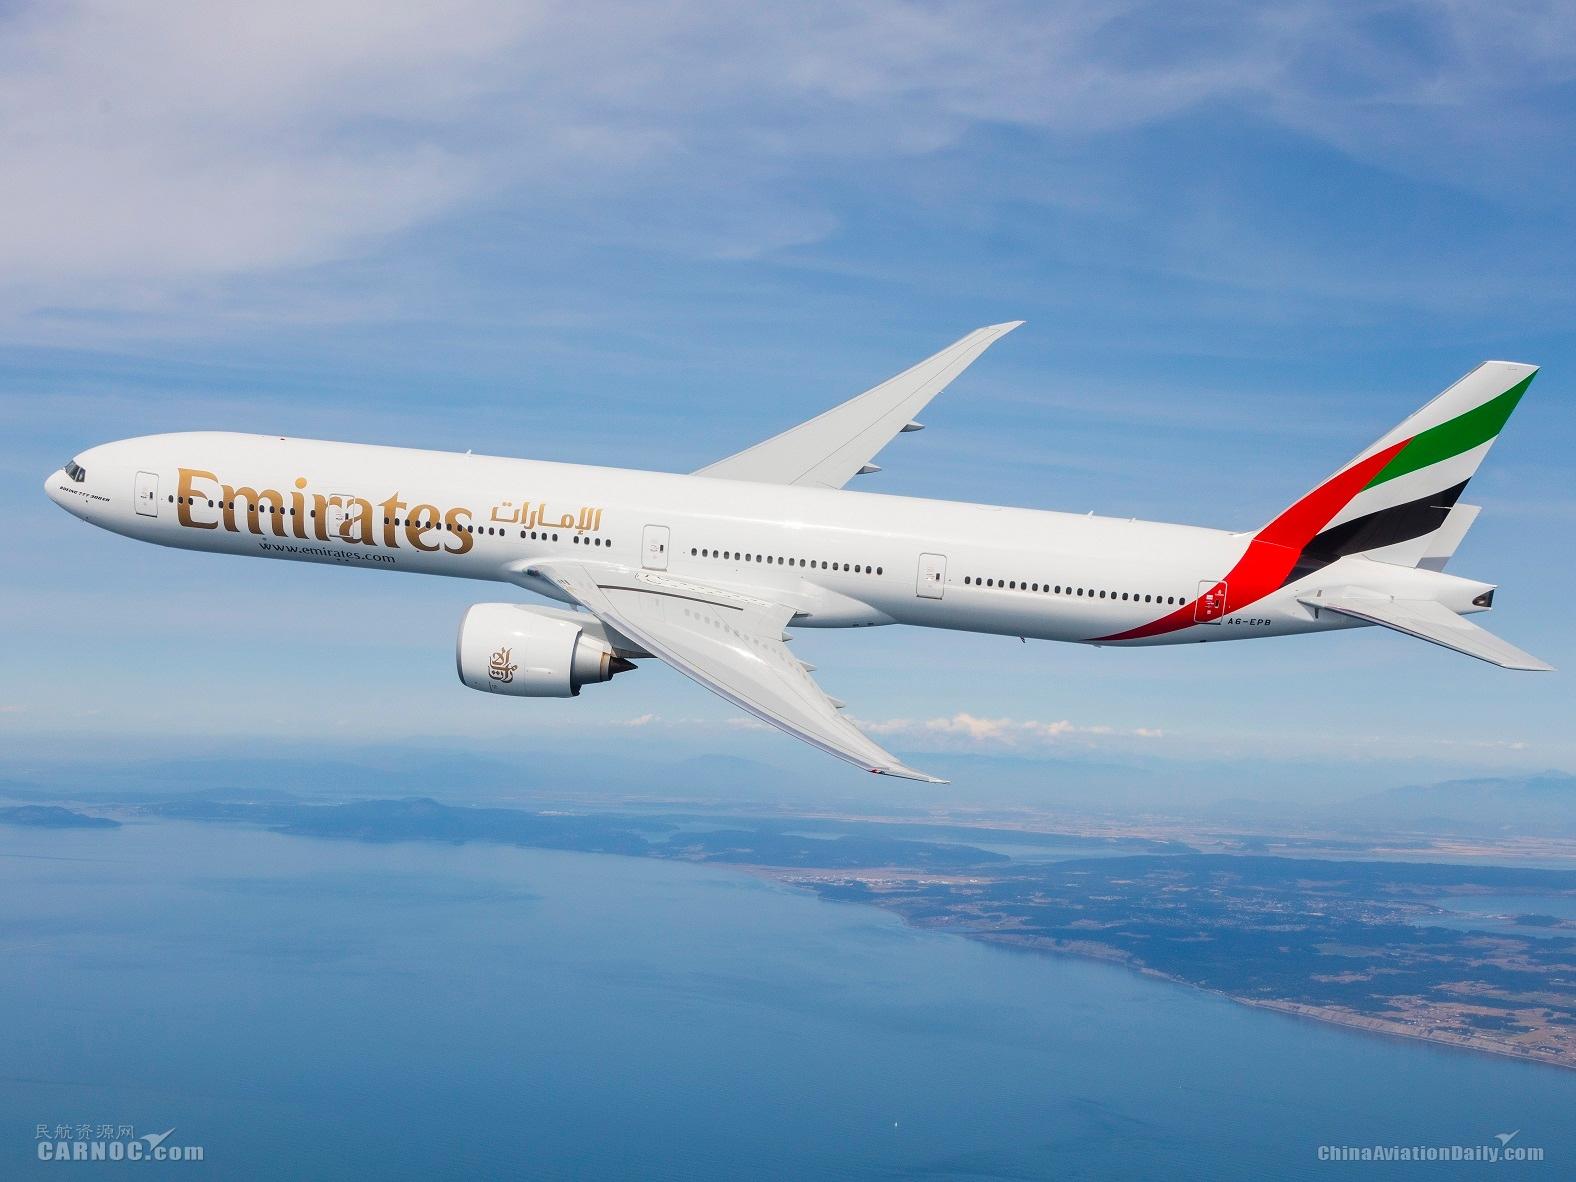 阿联酋航空通过Emirates Gateway销售渠道 为业务伙伴提供独家产品和服务内容